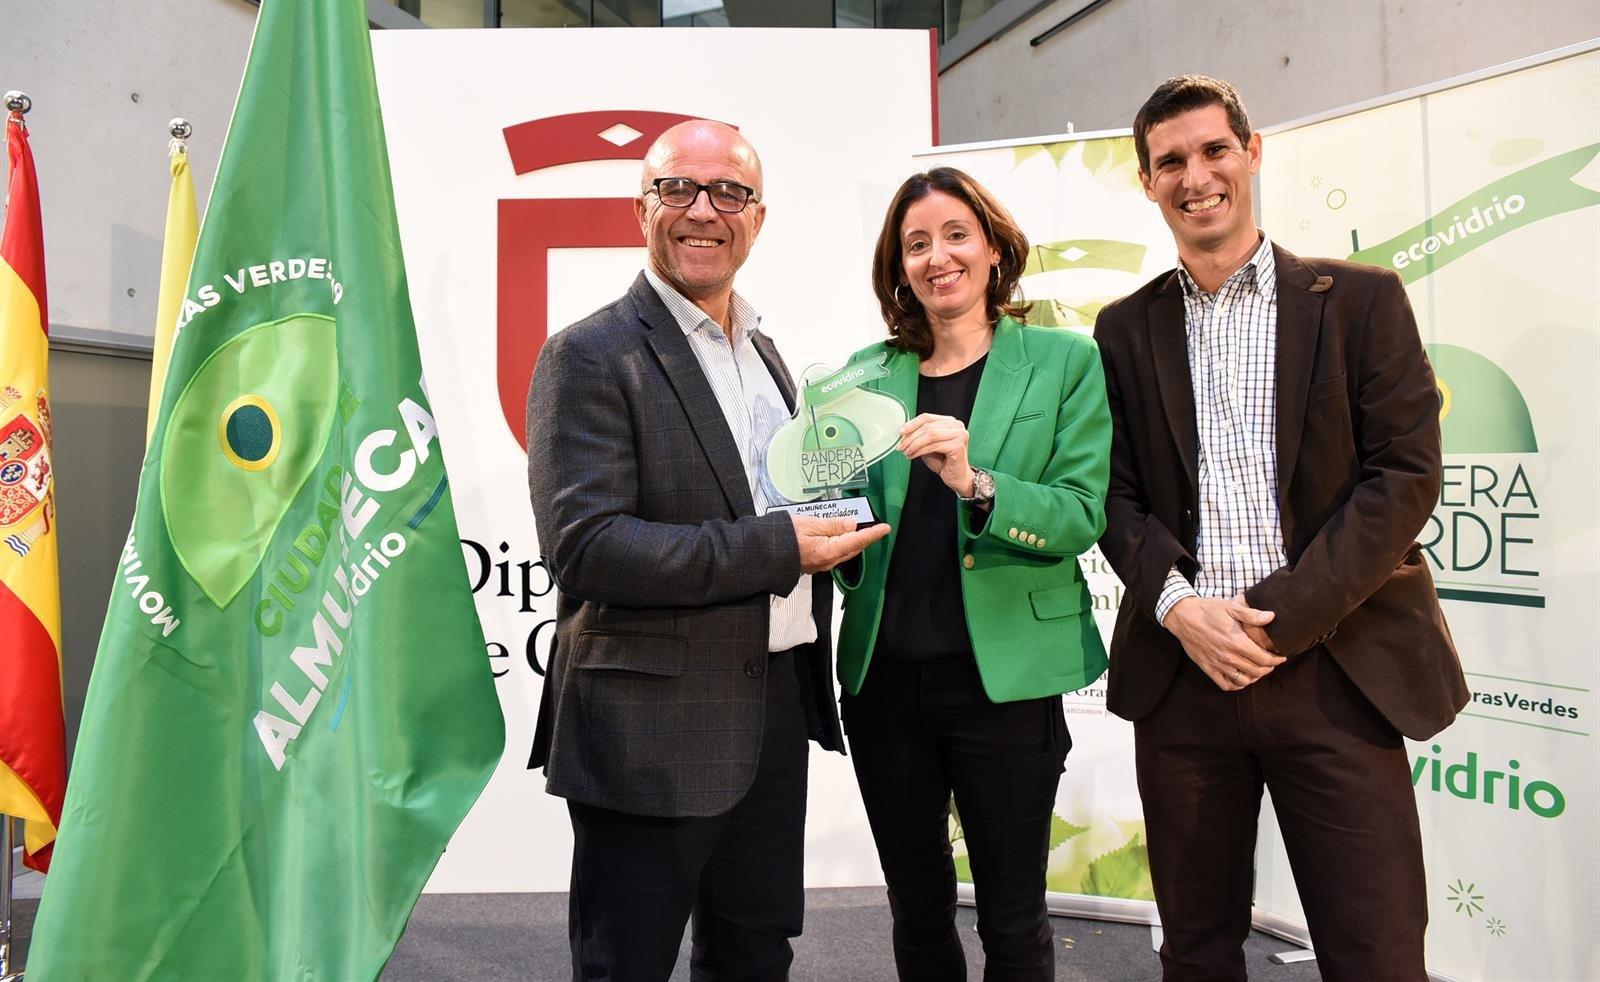 Premian a Almuñécar como la segunda ciudad española que más vidrio ha reciclado en verano